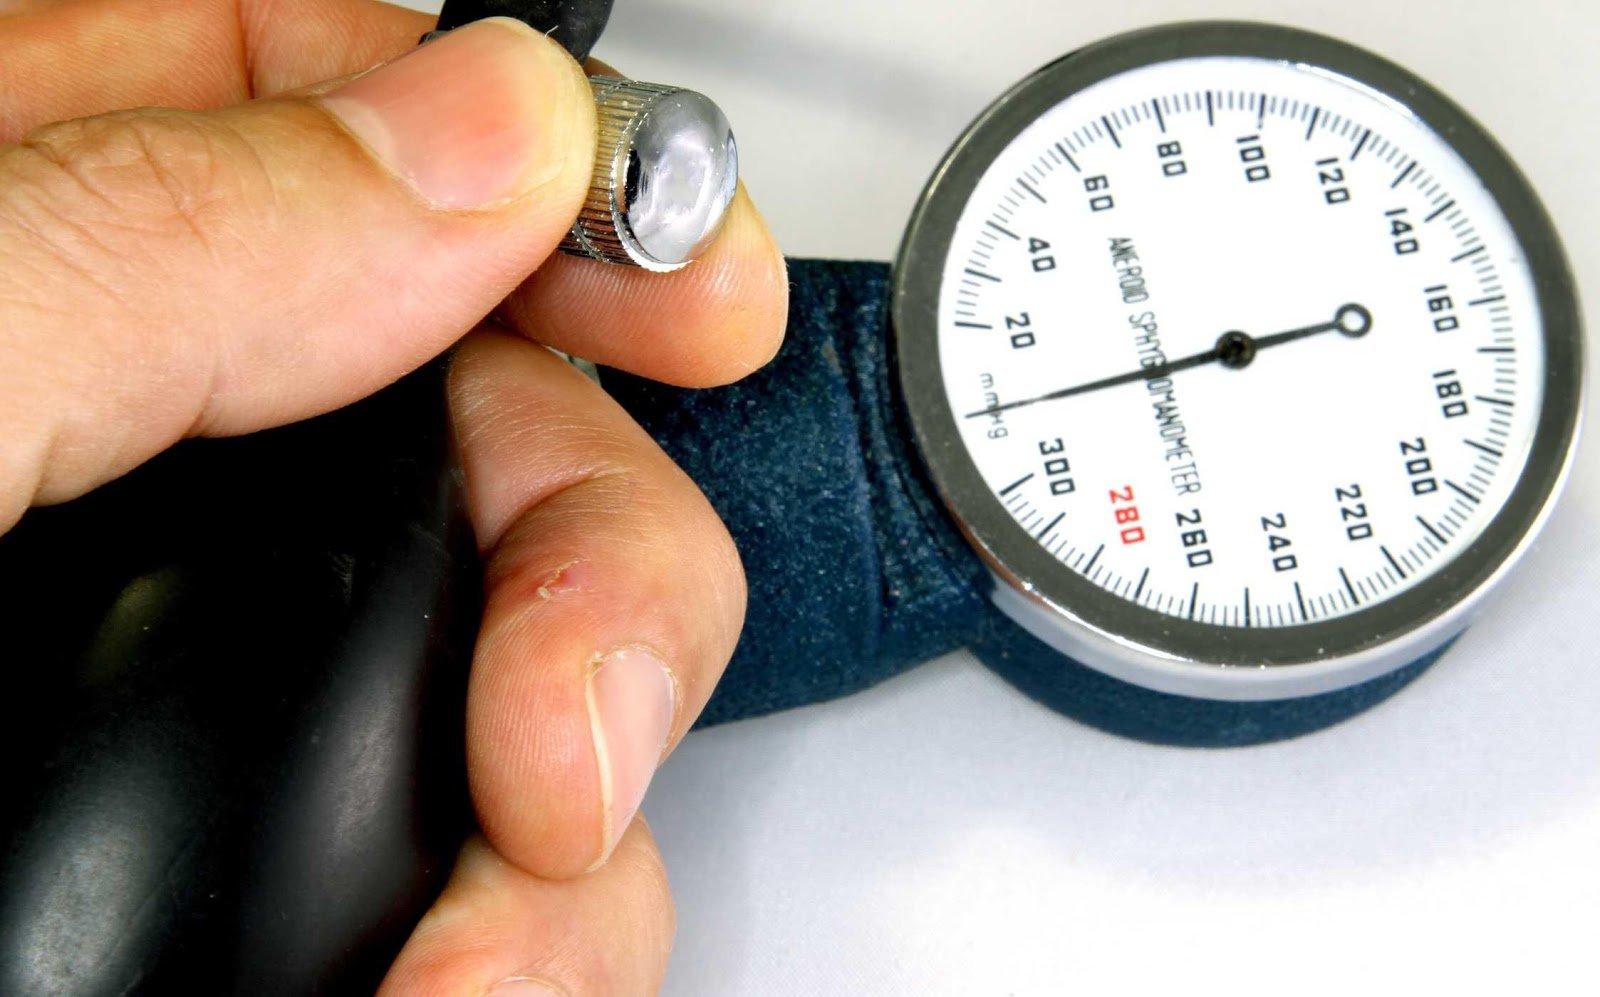 Huyết áp cao khi chỉ số vượt mức bình thường